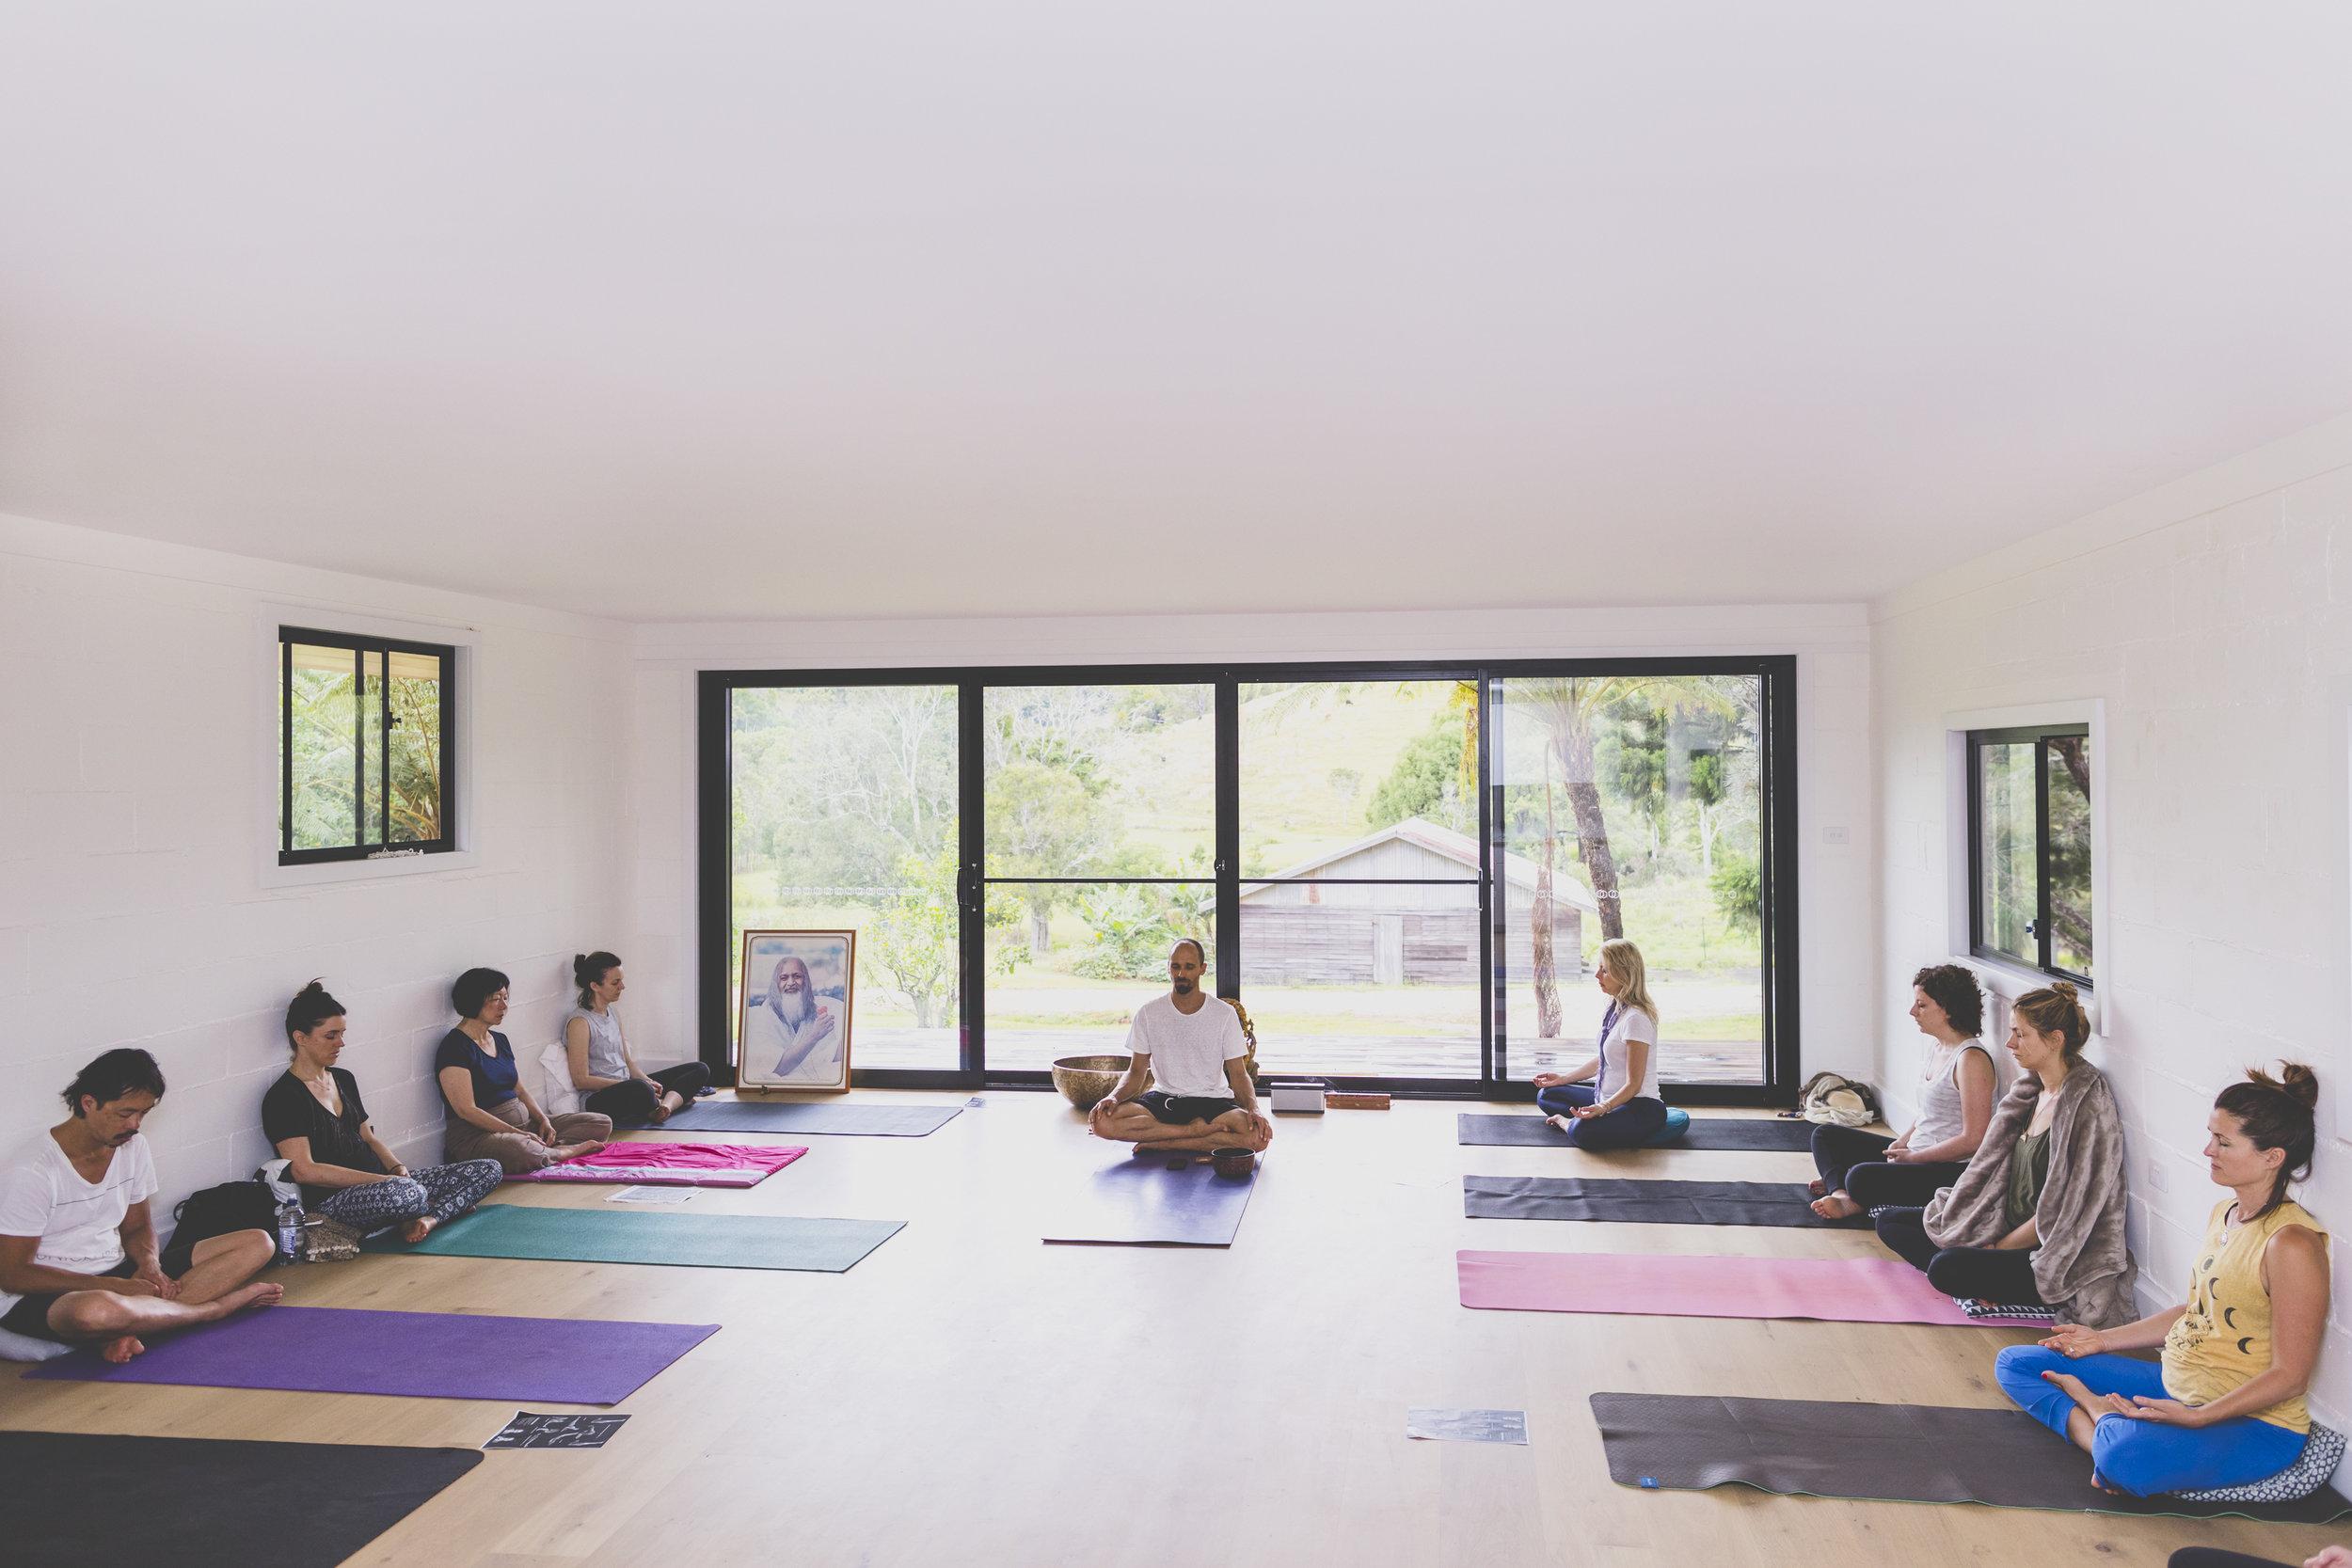 Wybalena Yoga Retreat